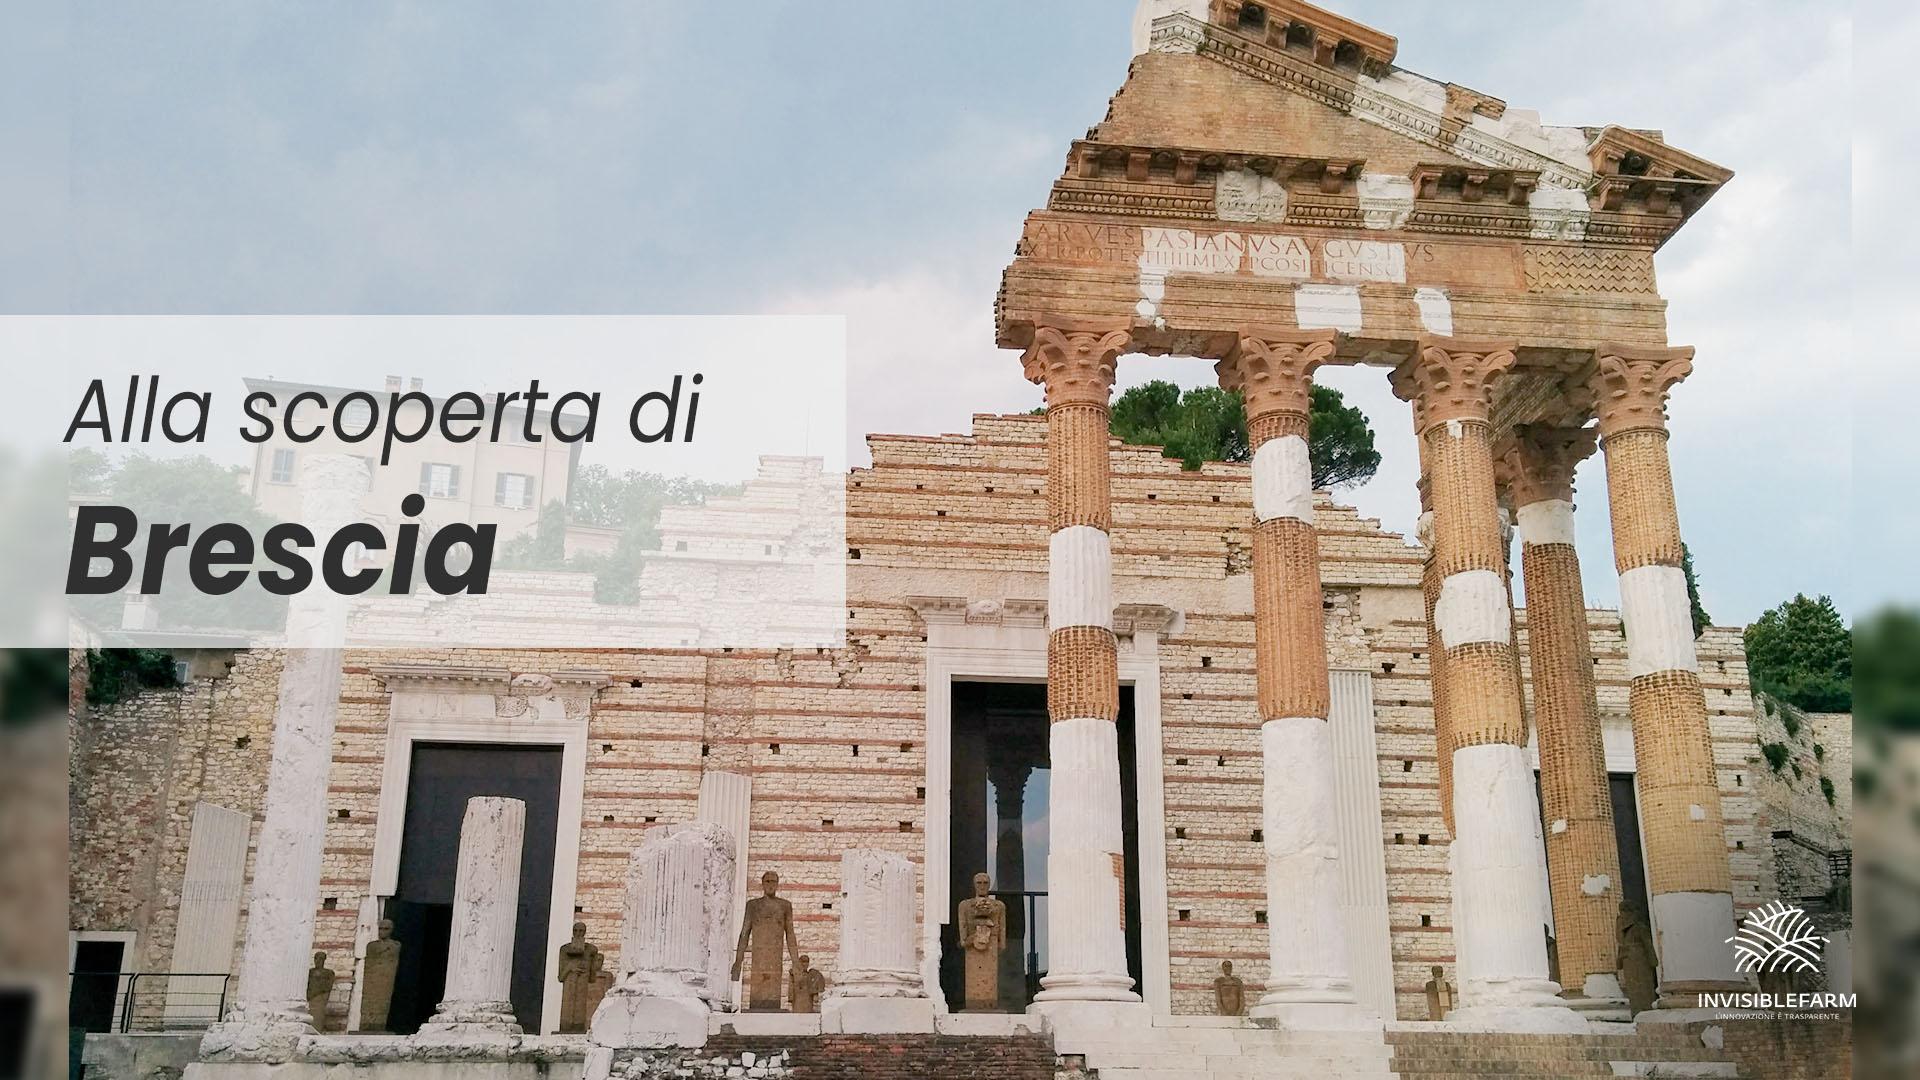 Tempio Capitolino di Brescia e visita alla città